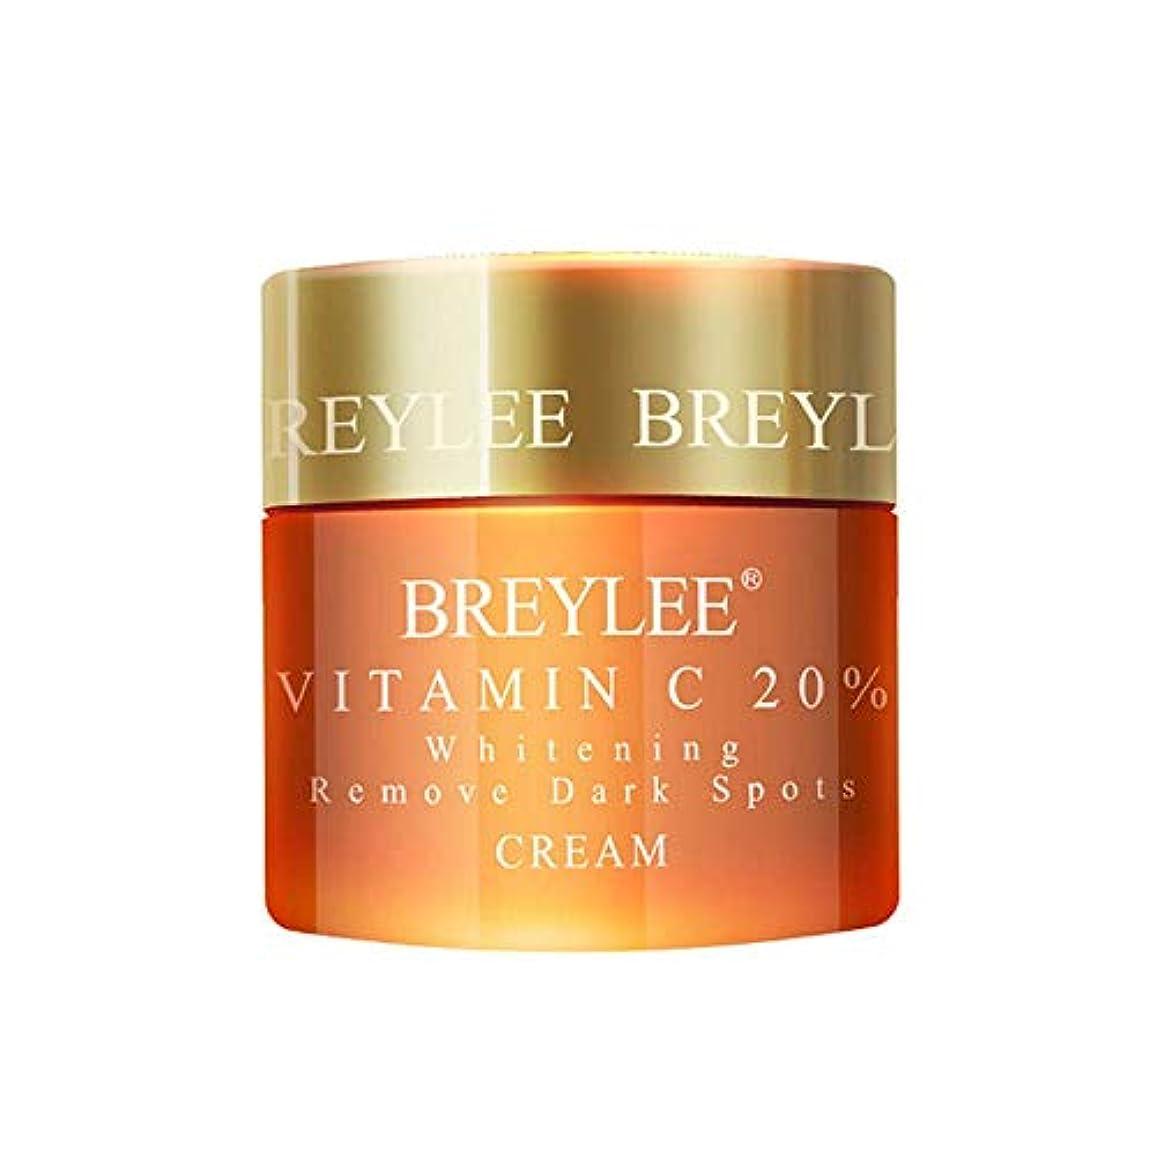 によると教育学石化するBREYLEE ヒアルロン酸 保湿クリーム 20%ビタミンC配合 美白 皮膚の引き締め (ビタミンC)